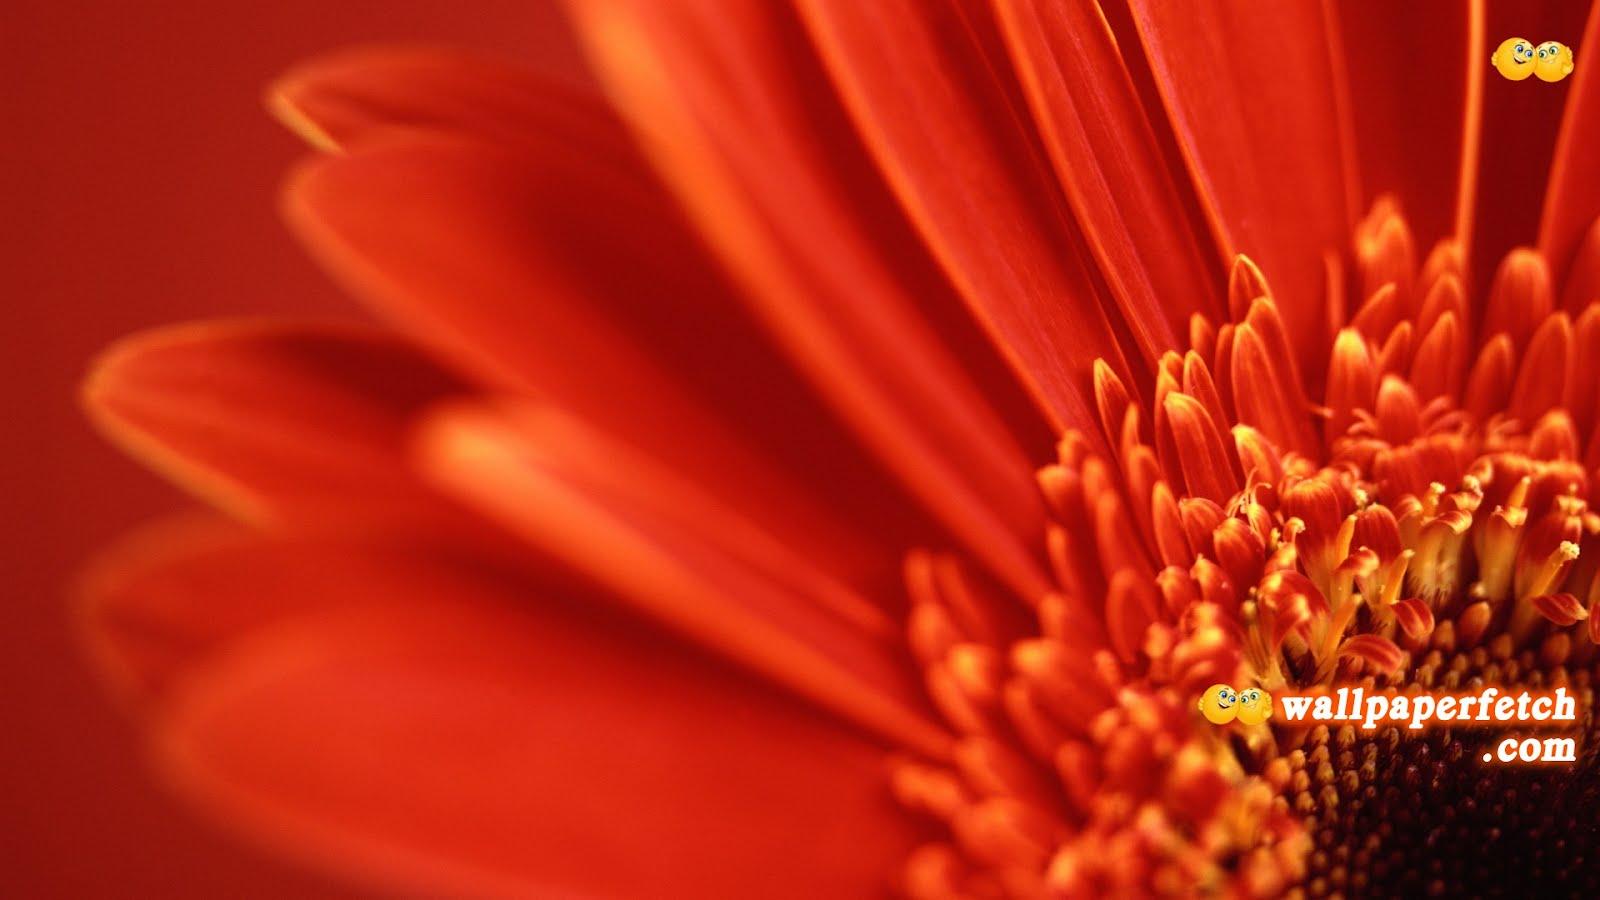 http://1.bp.blogspot.com/-_oAezi8KJew/T-oYnPy8PhI/AAAAAAAABnw/8Bq8AEleOvY/s1600/red-gerbera-hd-wallpaper.jpg